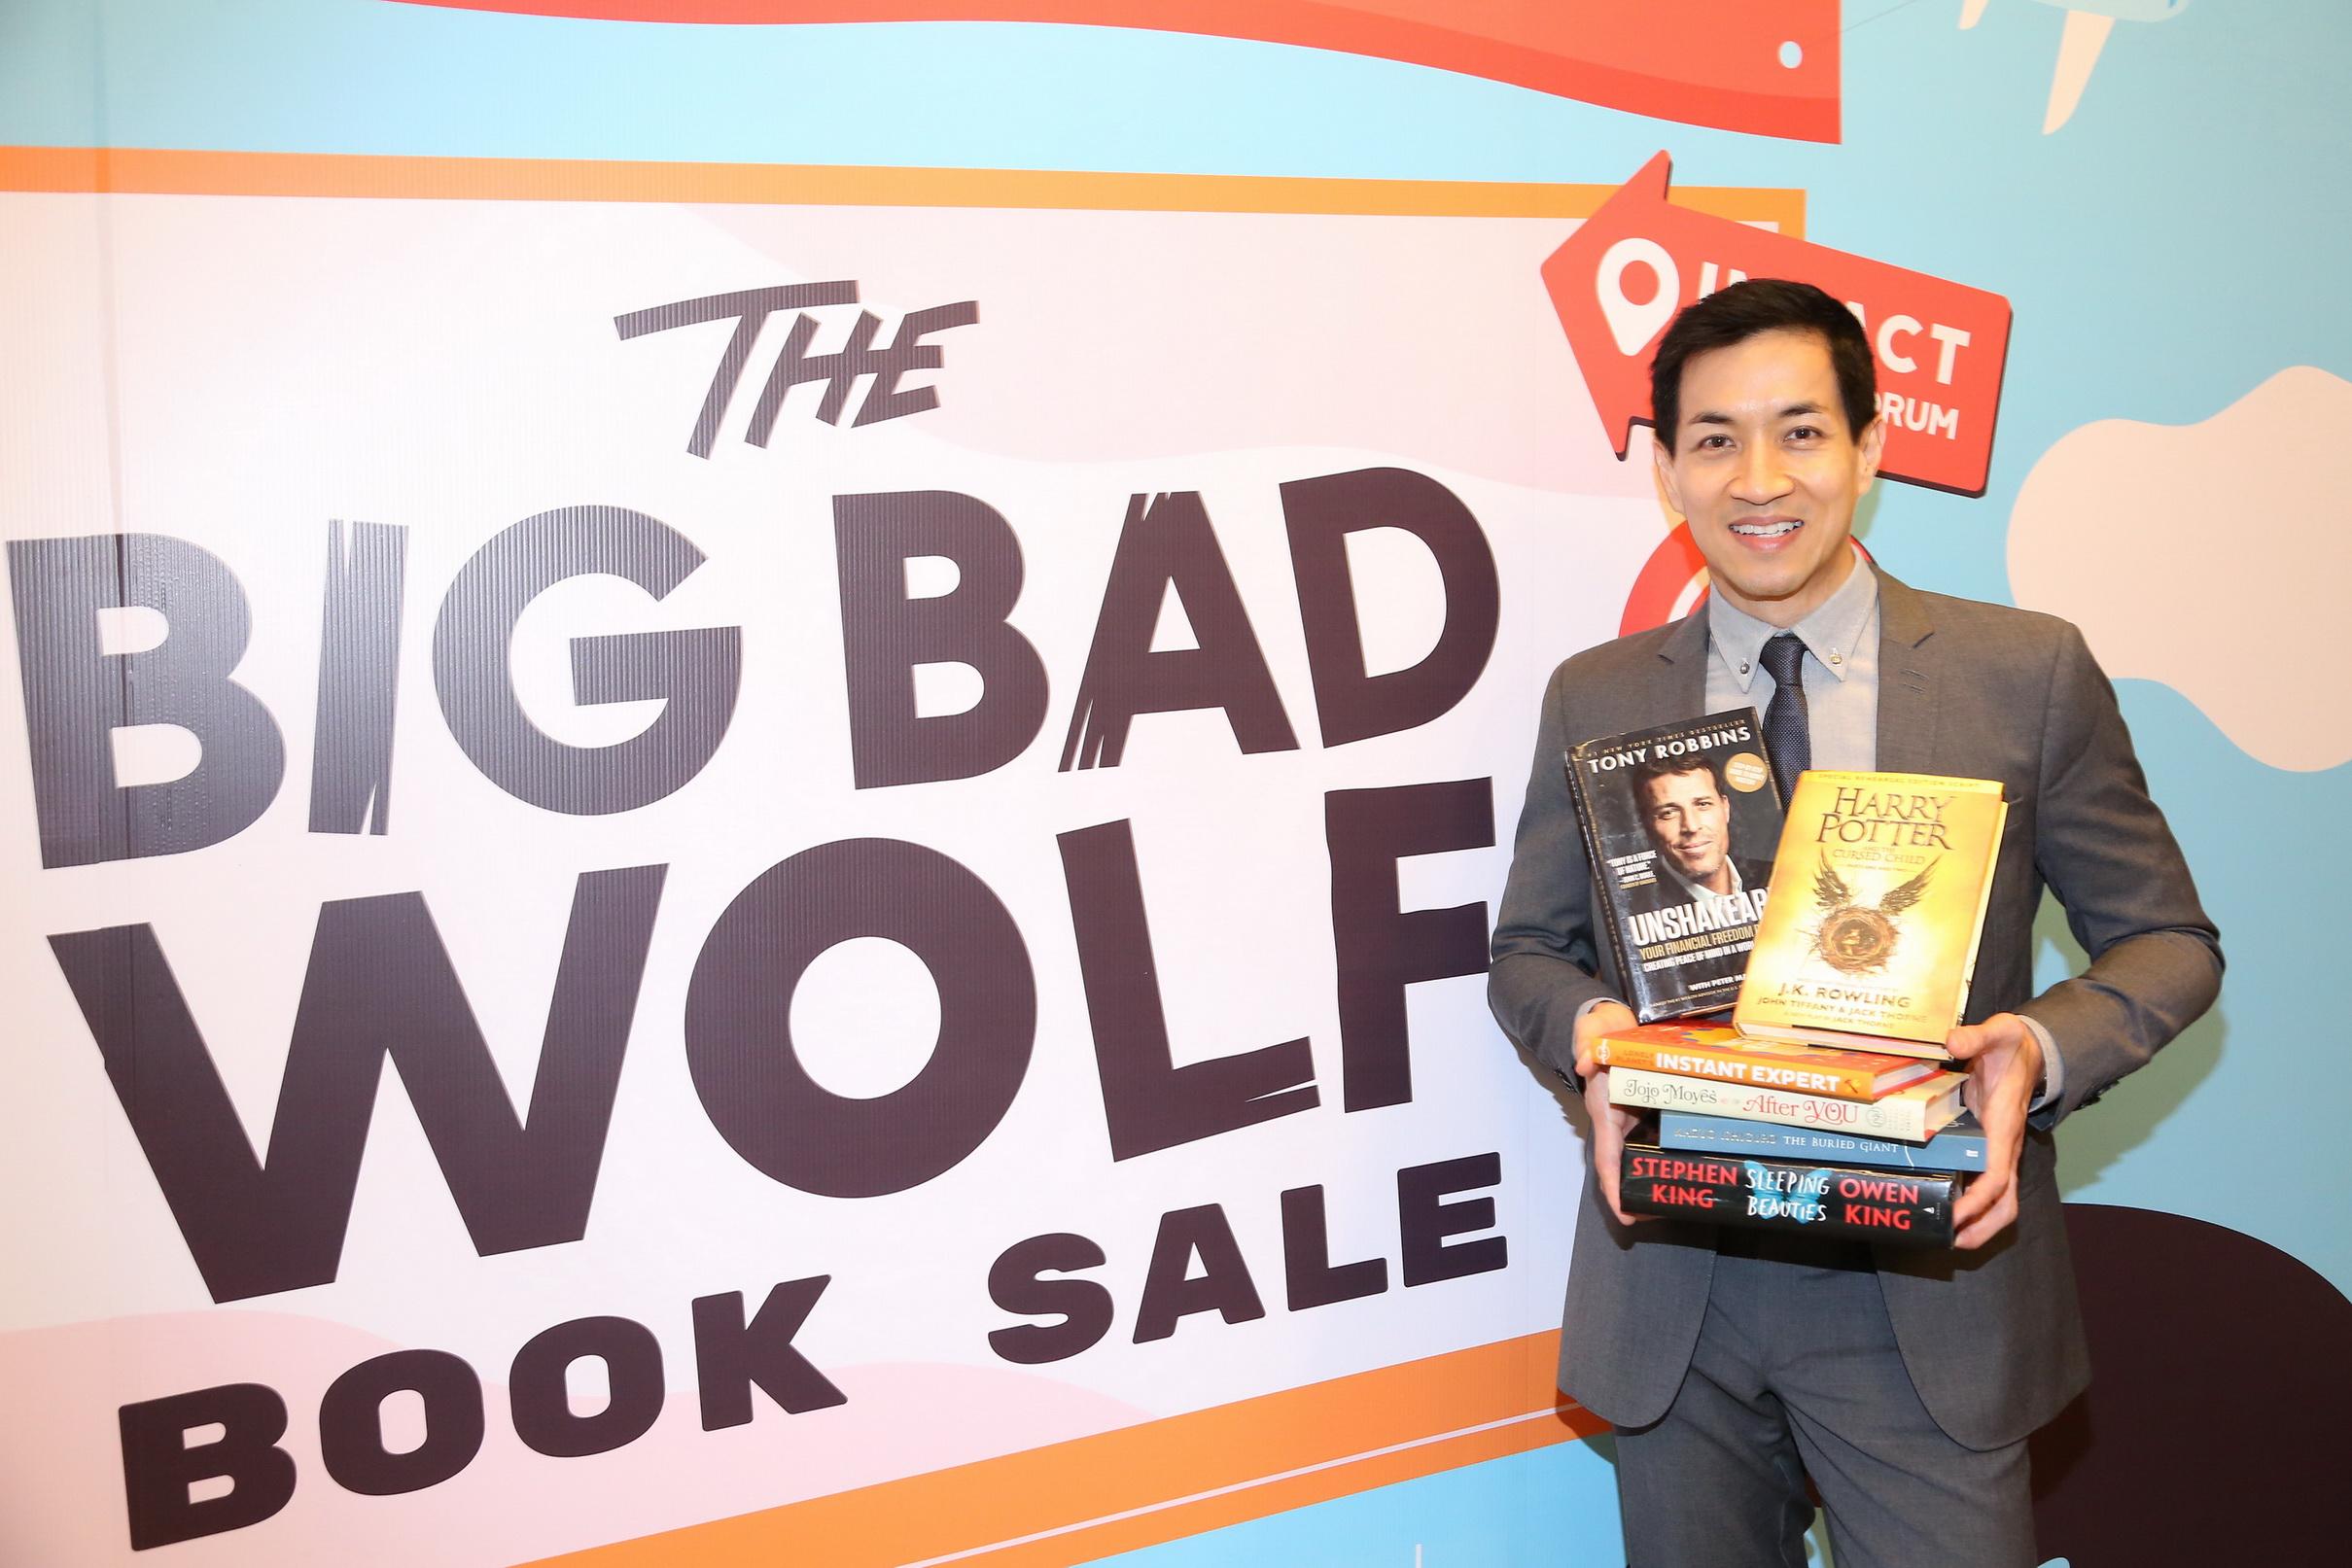 มหกรรมงานหนังสือนานาชาติ Big Bad Wolf Book Sale Bangkok 2018 จัดเต็มจุใจ 11 วัน ต่อเนื่อง 255 ชั่วโมง!